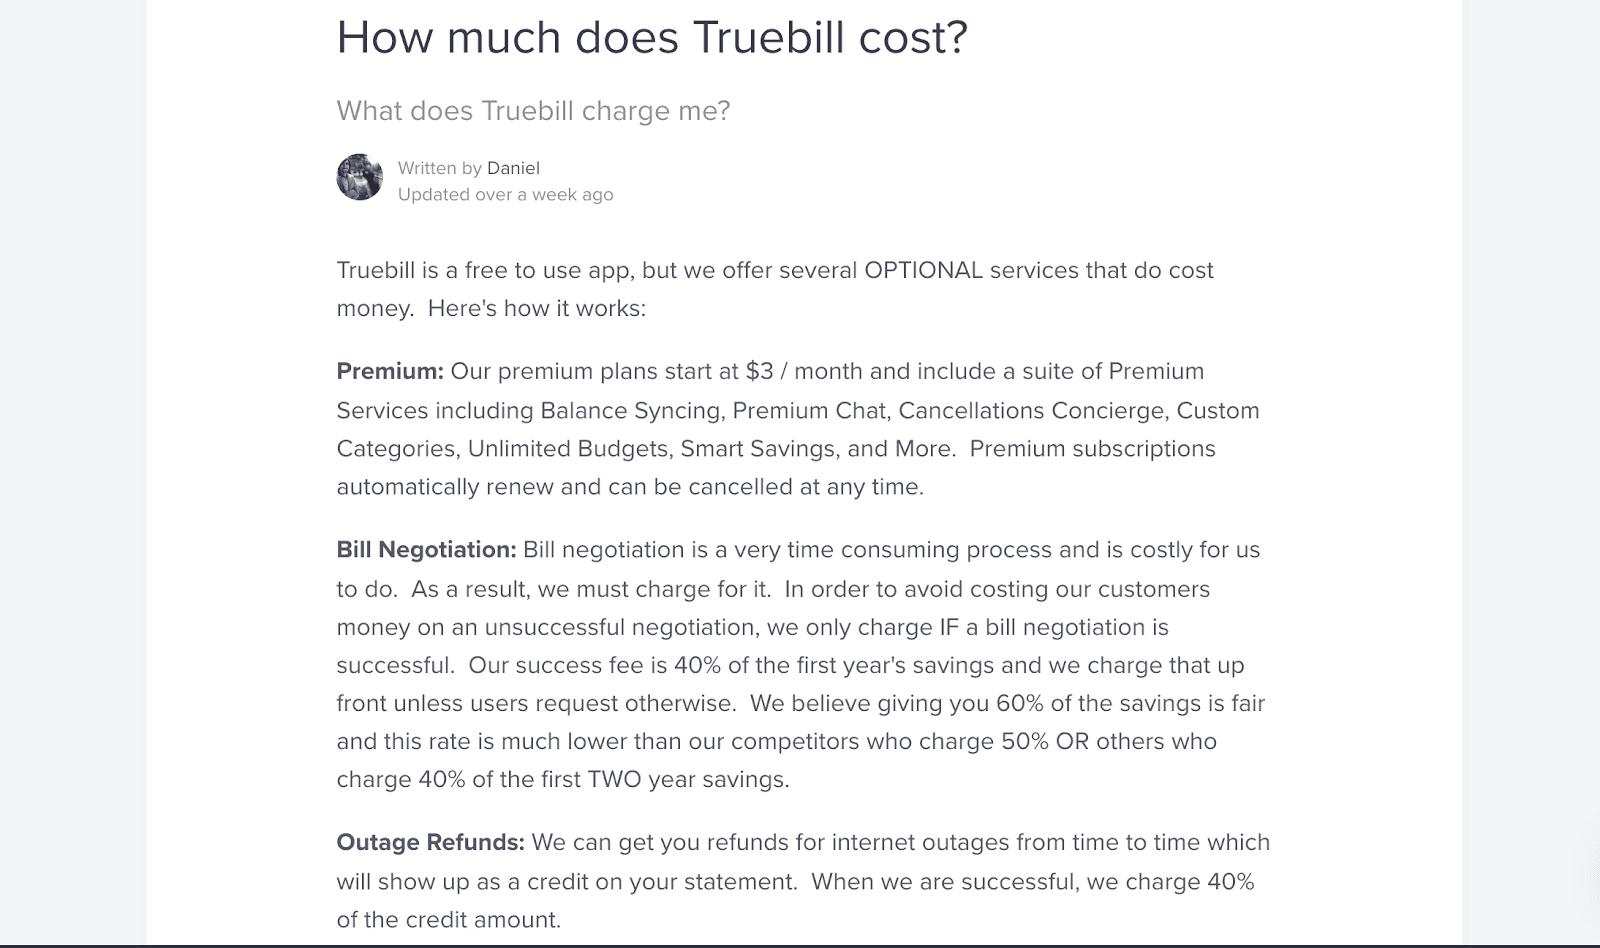 Truebill cost